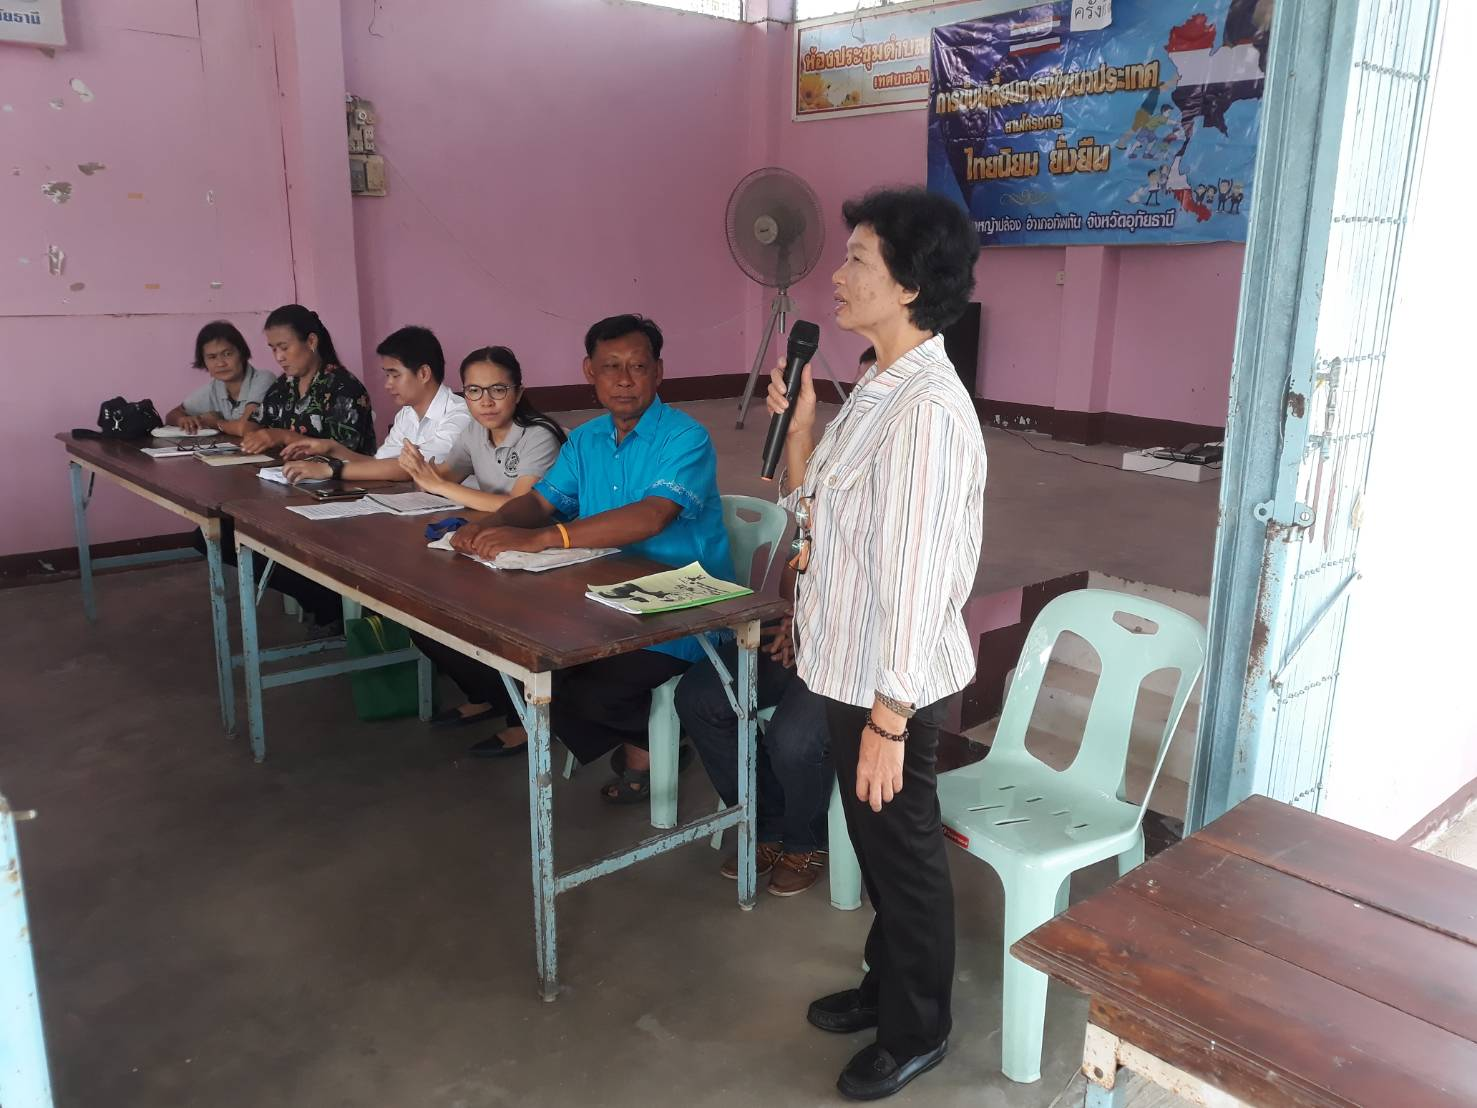 ร่วมสังเกตการณ์เวทีประชาคมไทยนิยม ยั่งยืน